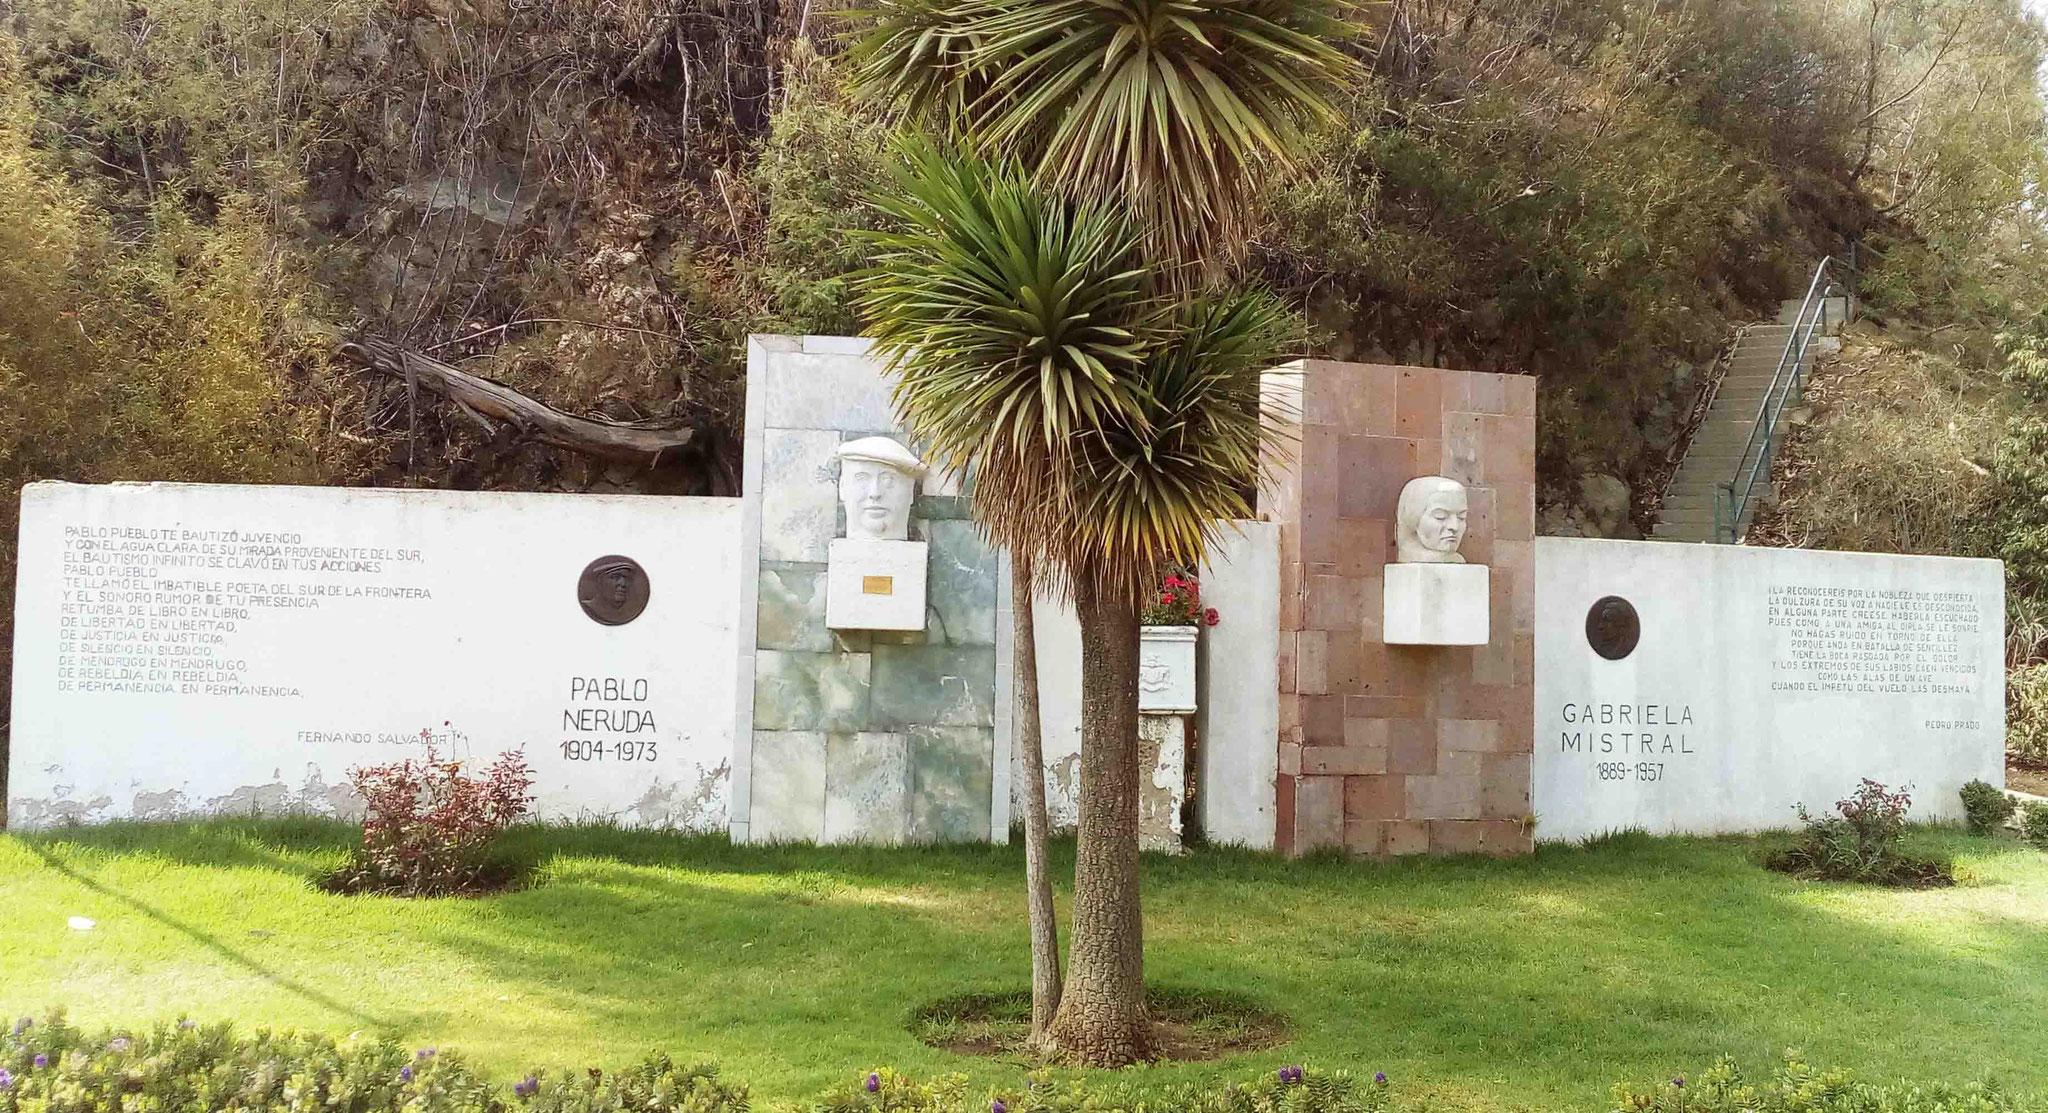 Hommage à P. Neruda et G. Mistral à l'entrée du parc Quinta Vergara